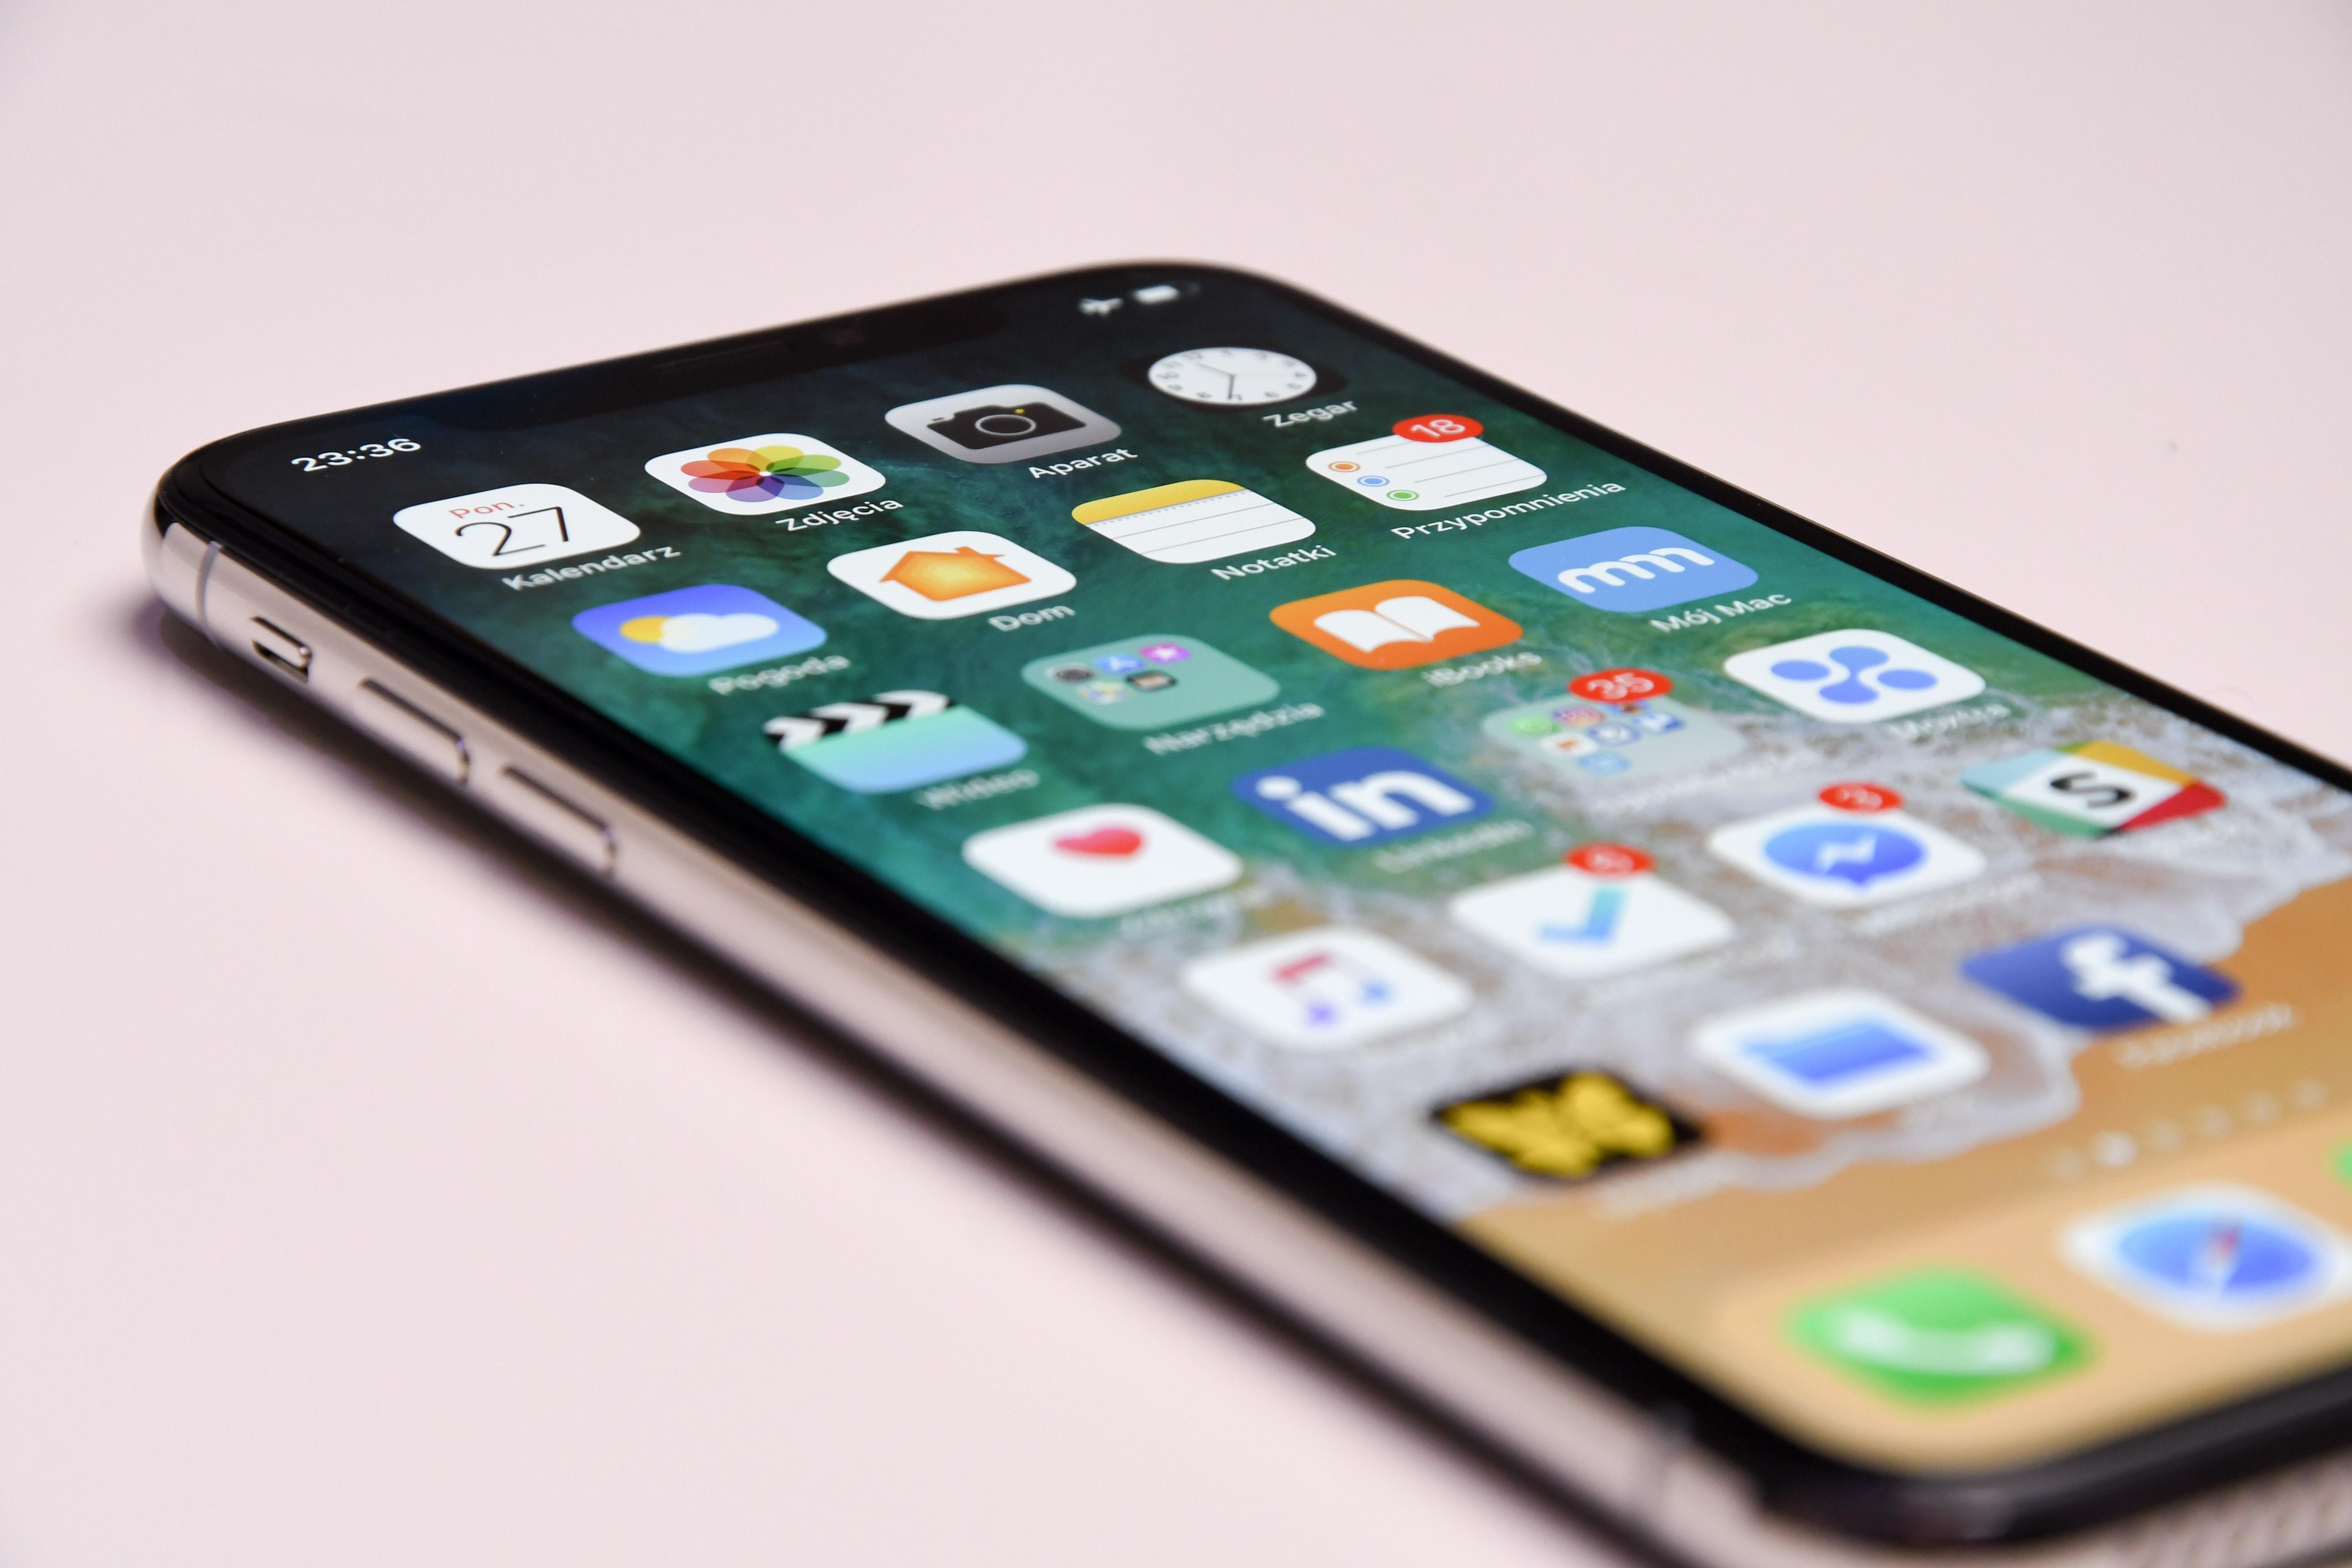 Mobil covers til beskyttelse af iPhones og andre smartphones